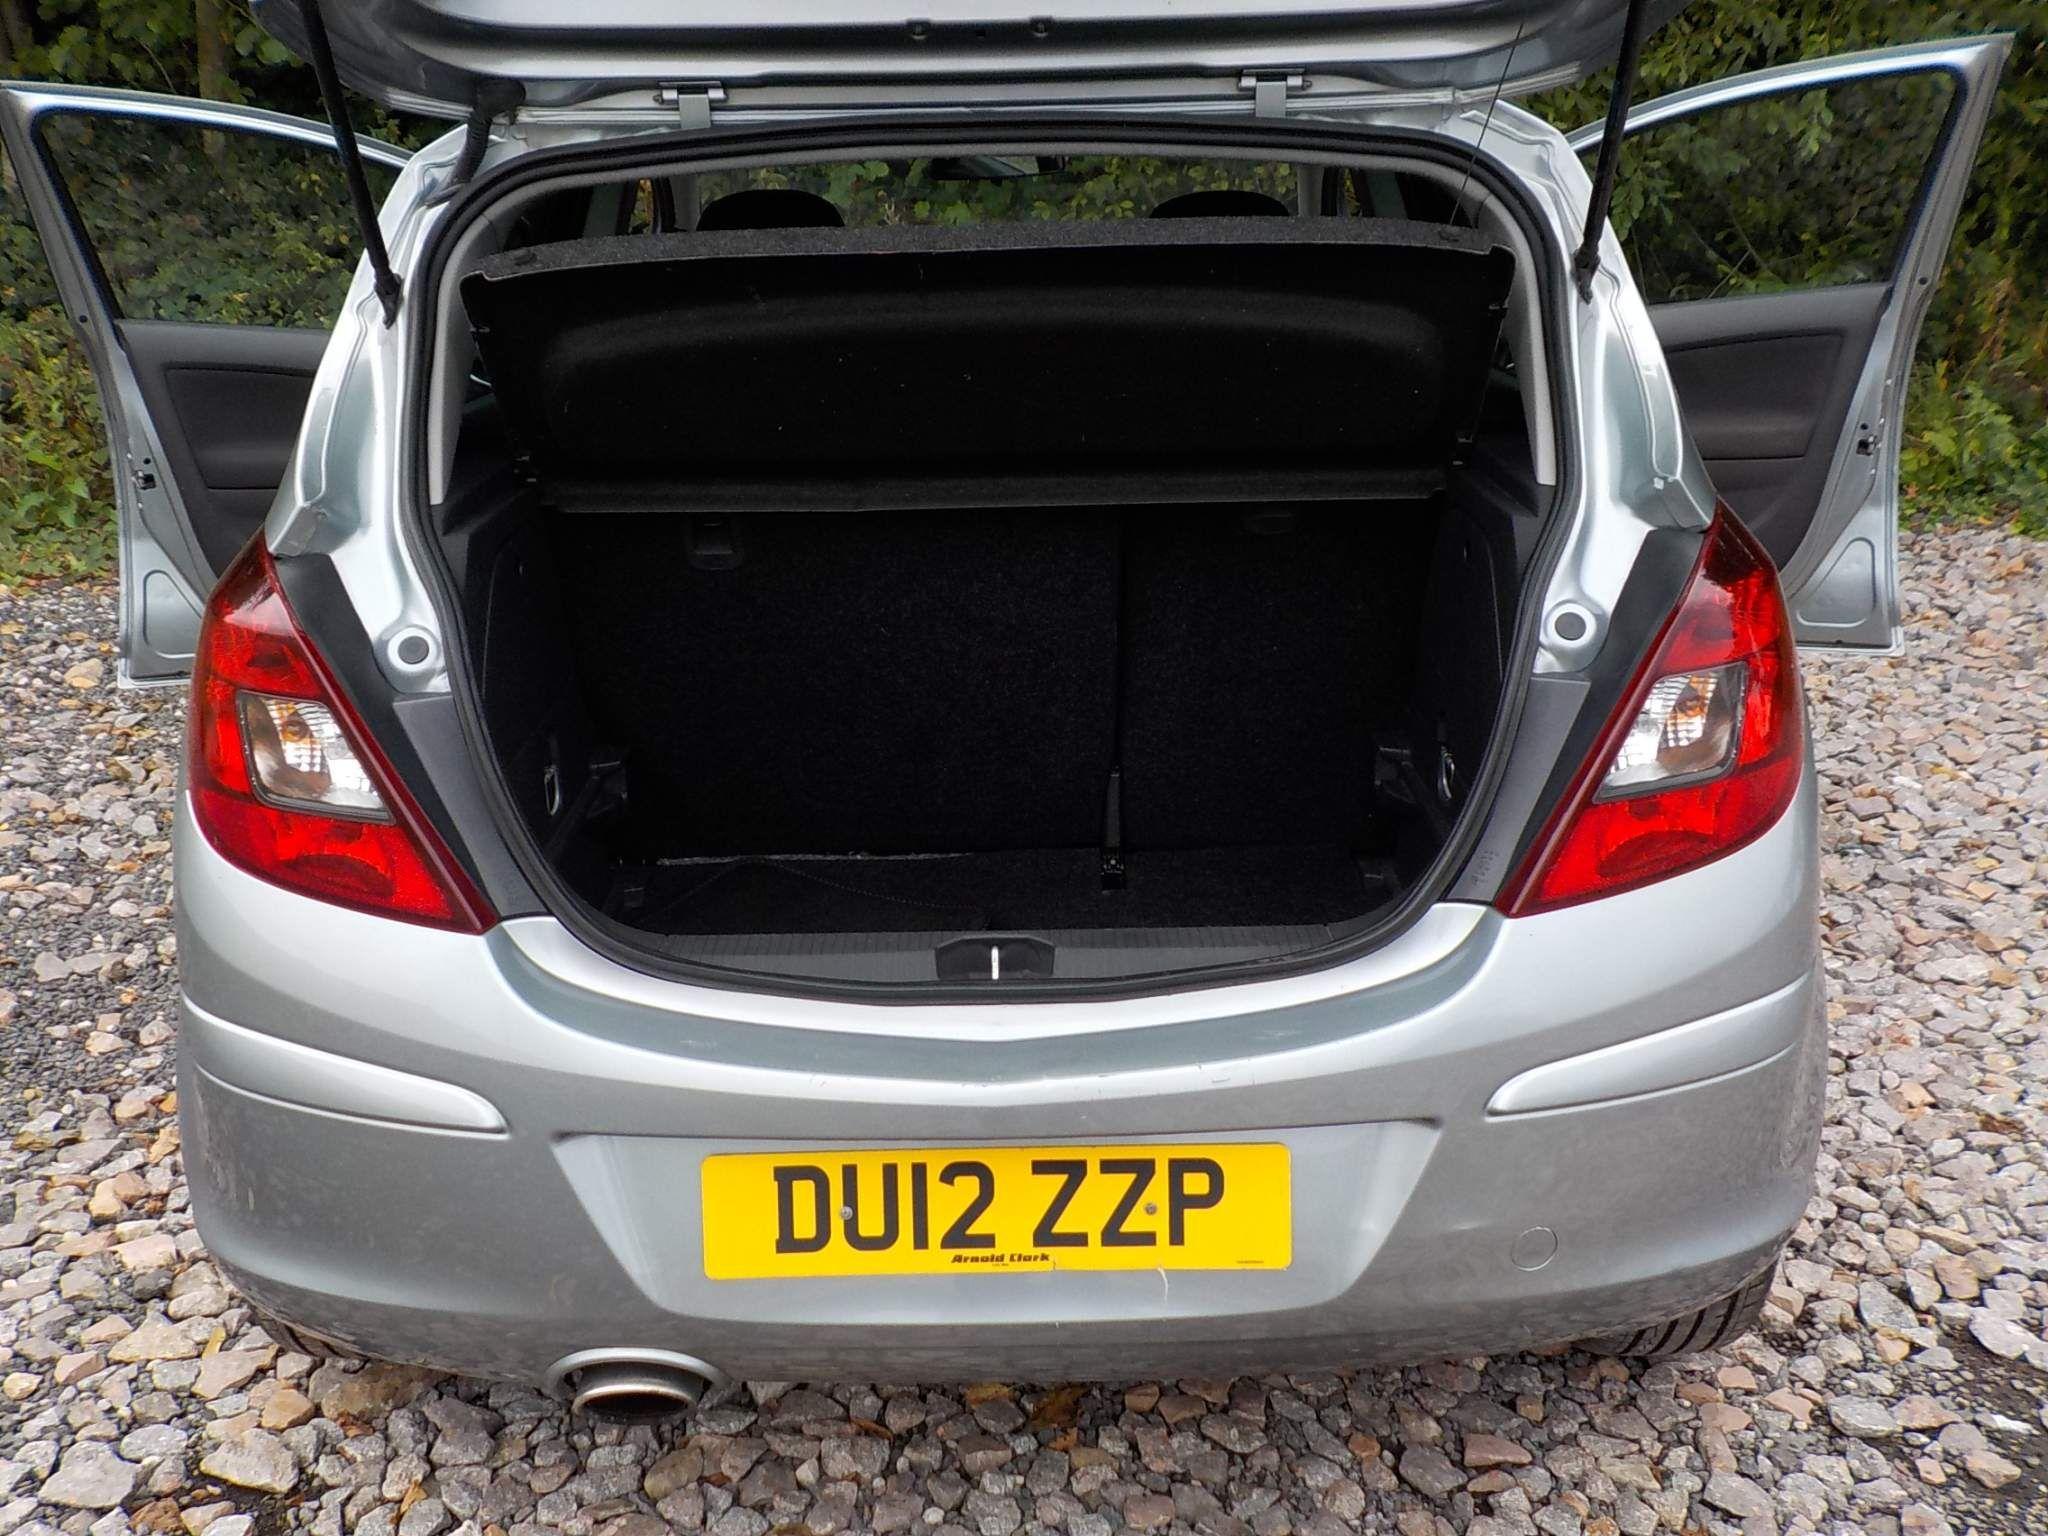 Vauxhall Corsa 1.4 i 16v SXi 5dr